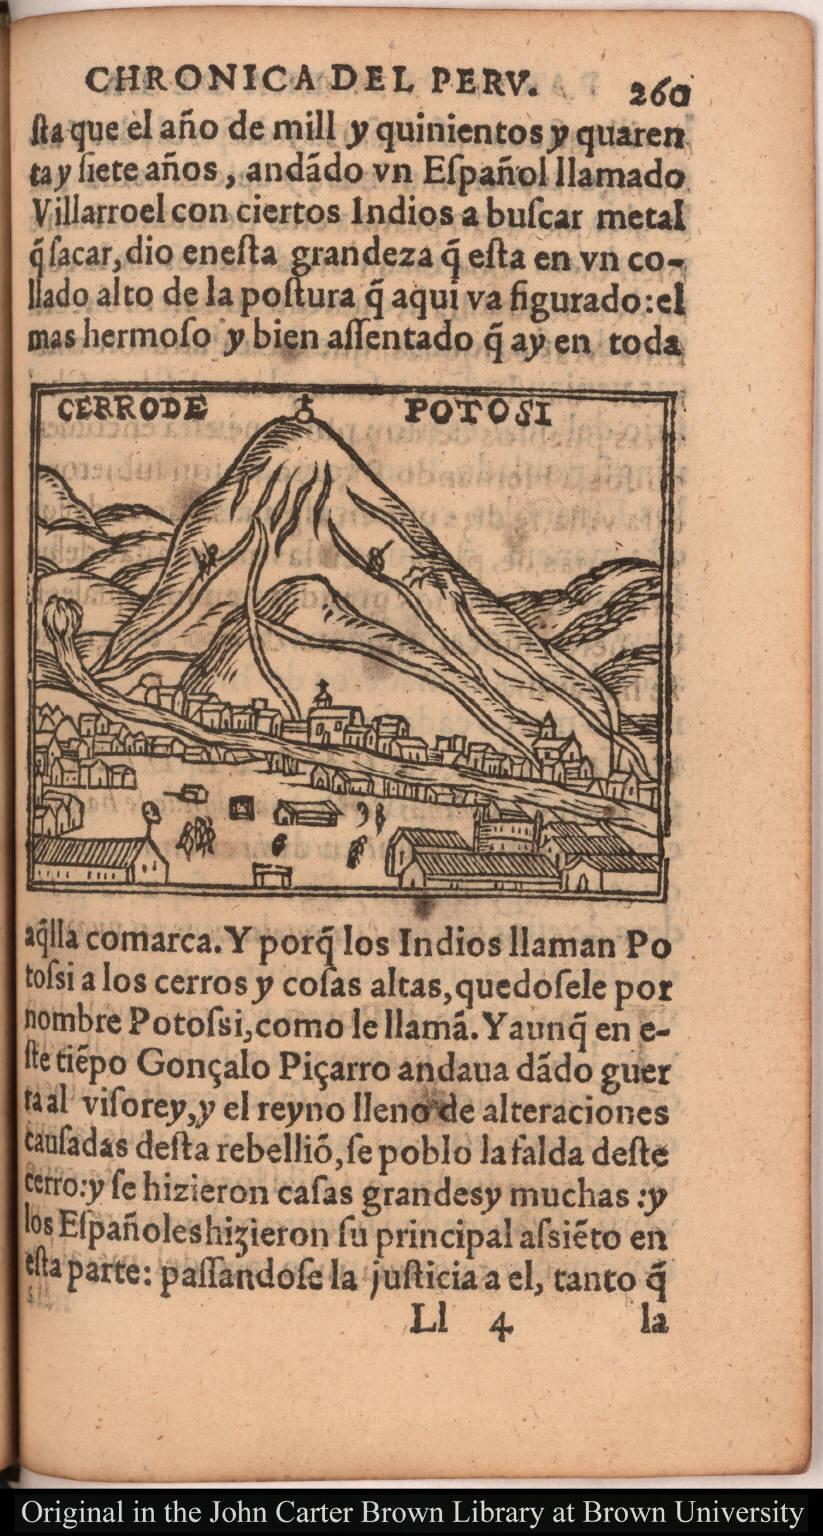 Cerro de Potosi